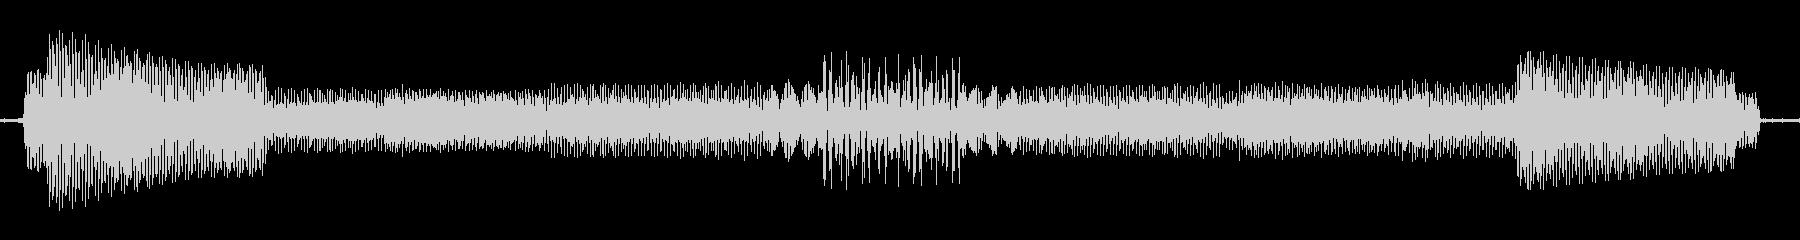 ビープ音03の未再生の波形